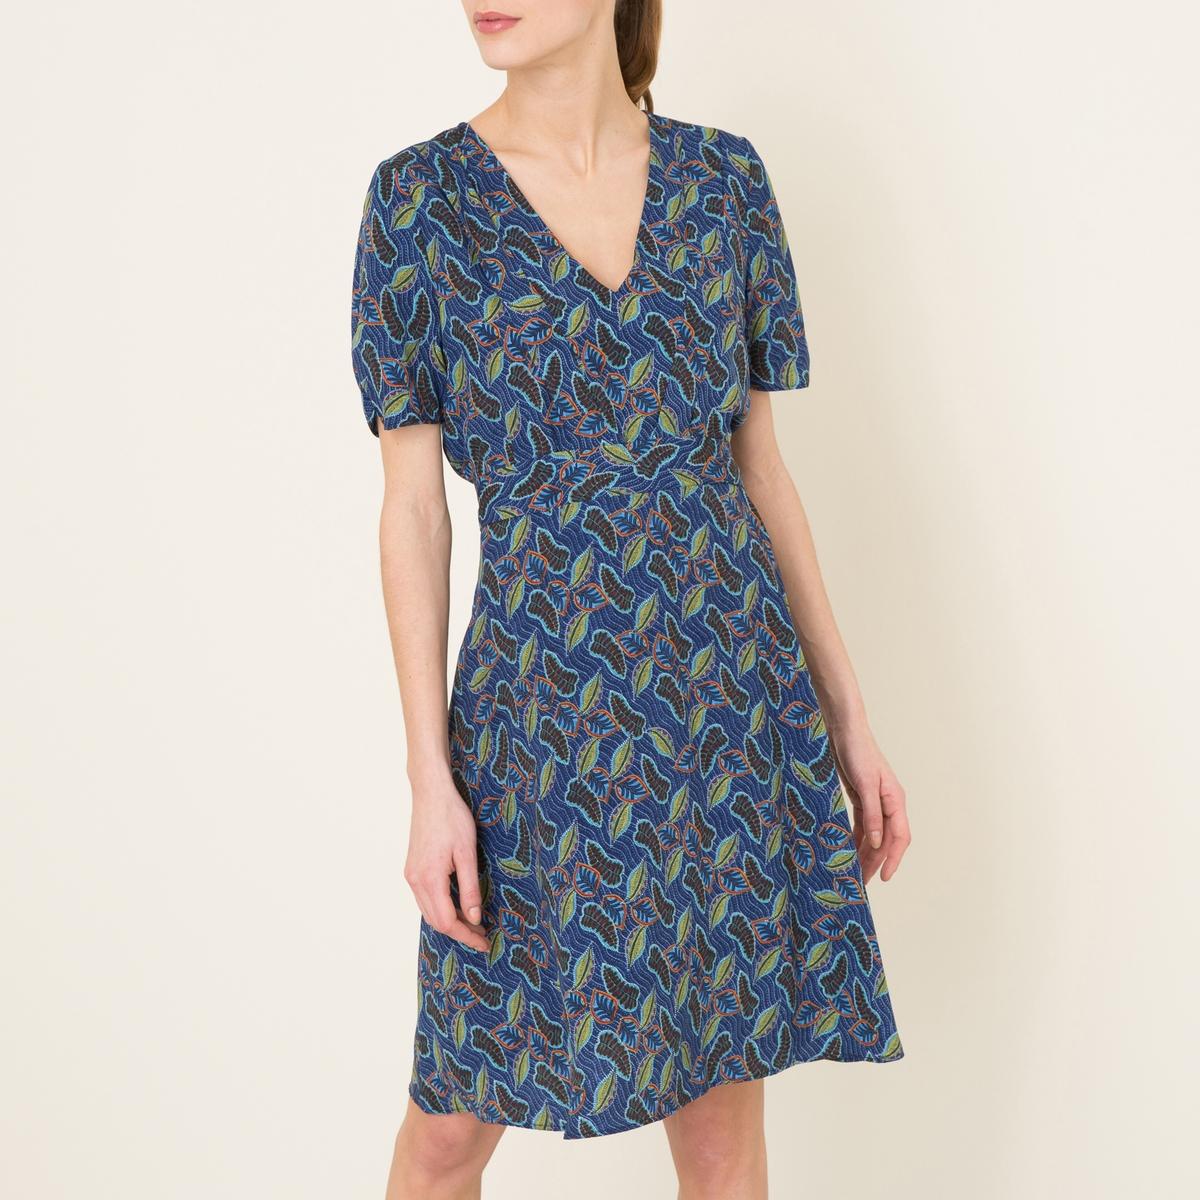 Платье VIVALDIСостав и описание Материал : 100% полиэстерДлина : 100 см. для размера 36Марка : LA BRAND BOUTIQUE<br><br>Цвет: рисунок темно-синий<br>Размер: S